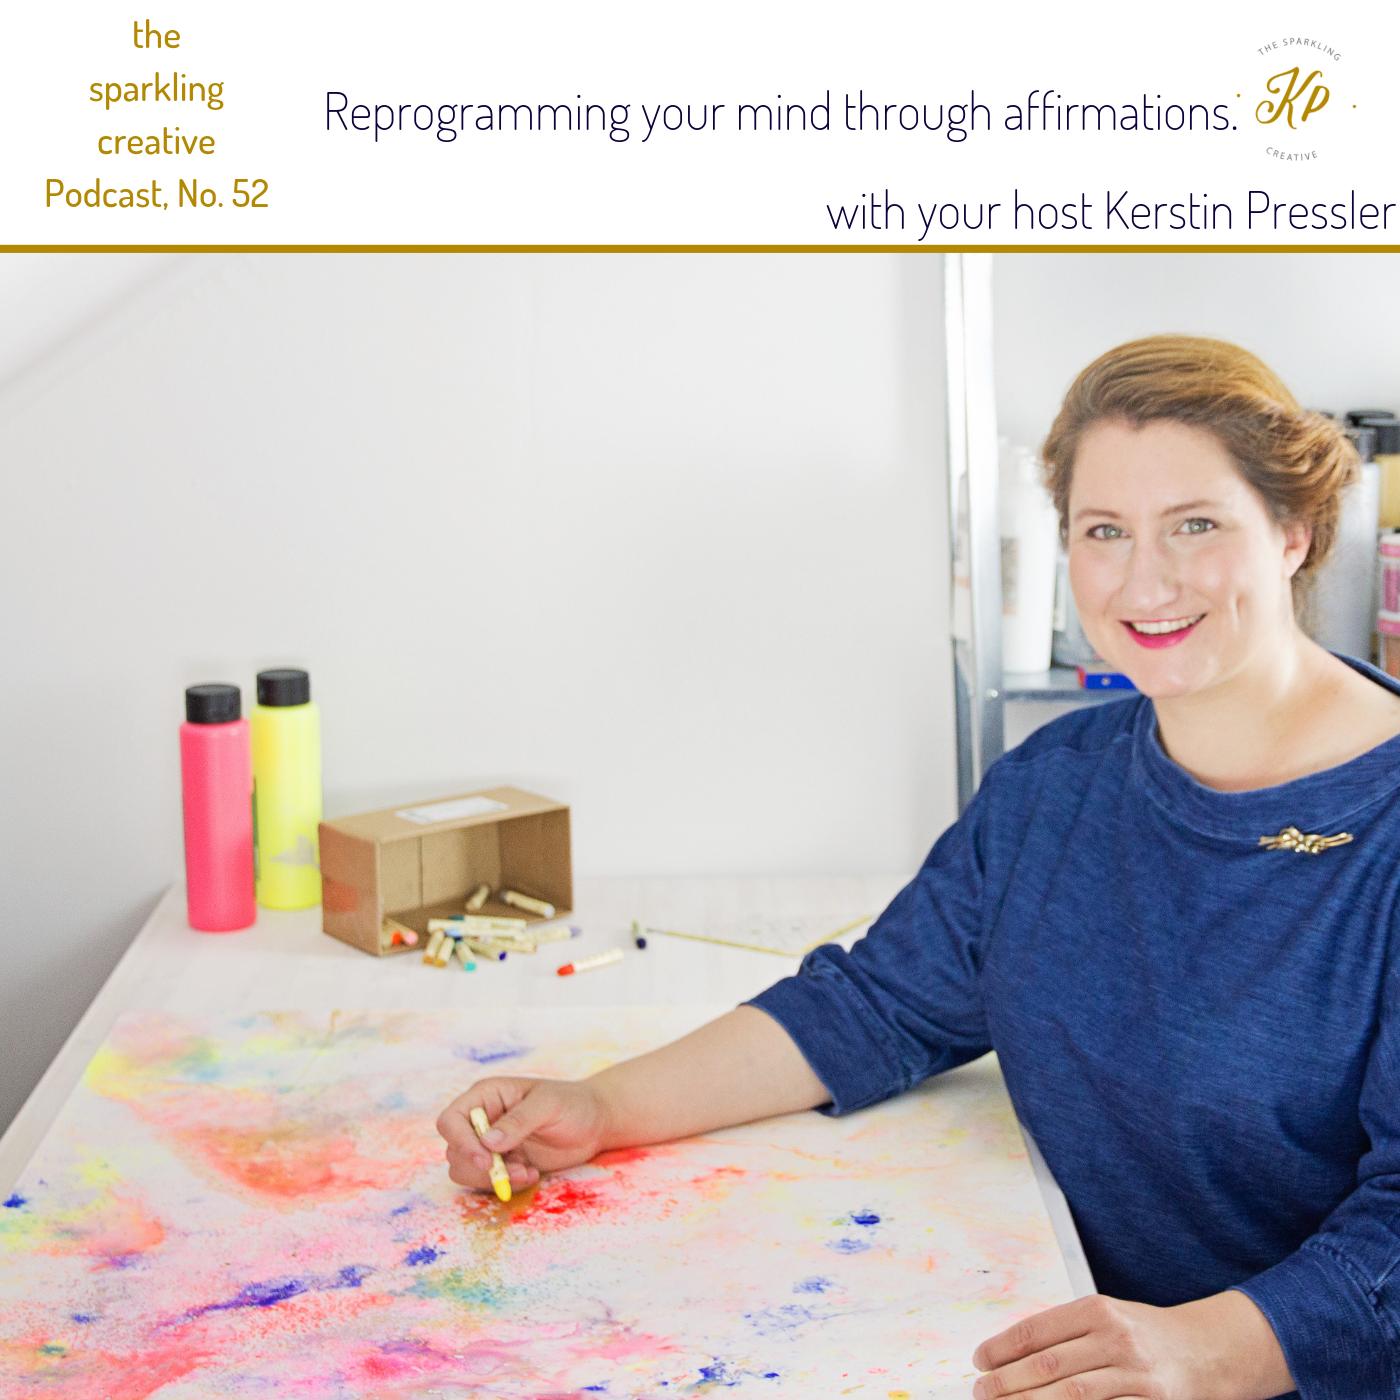 the sparkling creative Podcast, Episode 52: Reprogramming your mind through affirmations www.kerstinpressler.com/blog-2/episode52